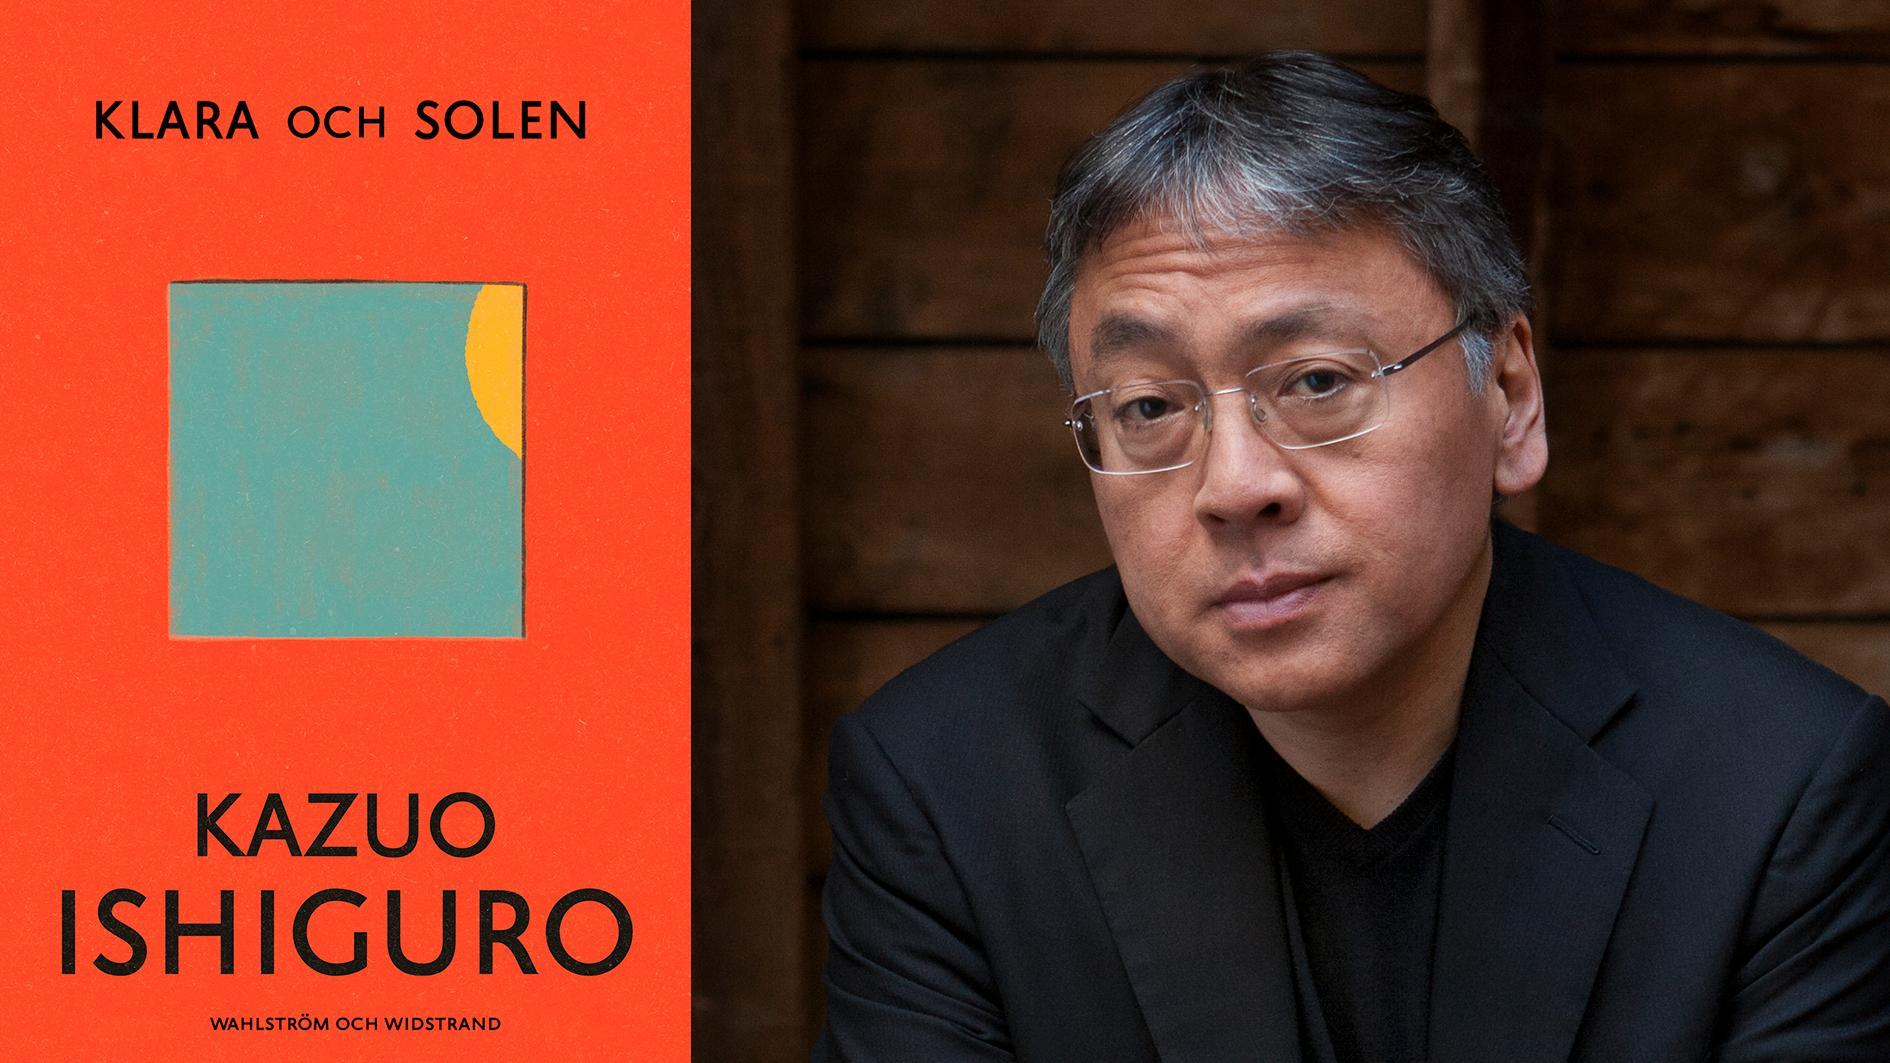 I sin första roman efter Nobelpriset 2017 tar Kazuo Ishiguro ytterligare ett steg  in i science fiction-genren  och överlåter  berättandet till  en robot.